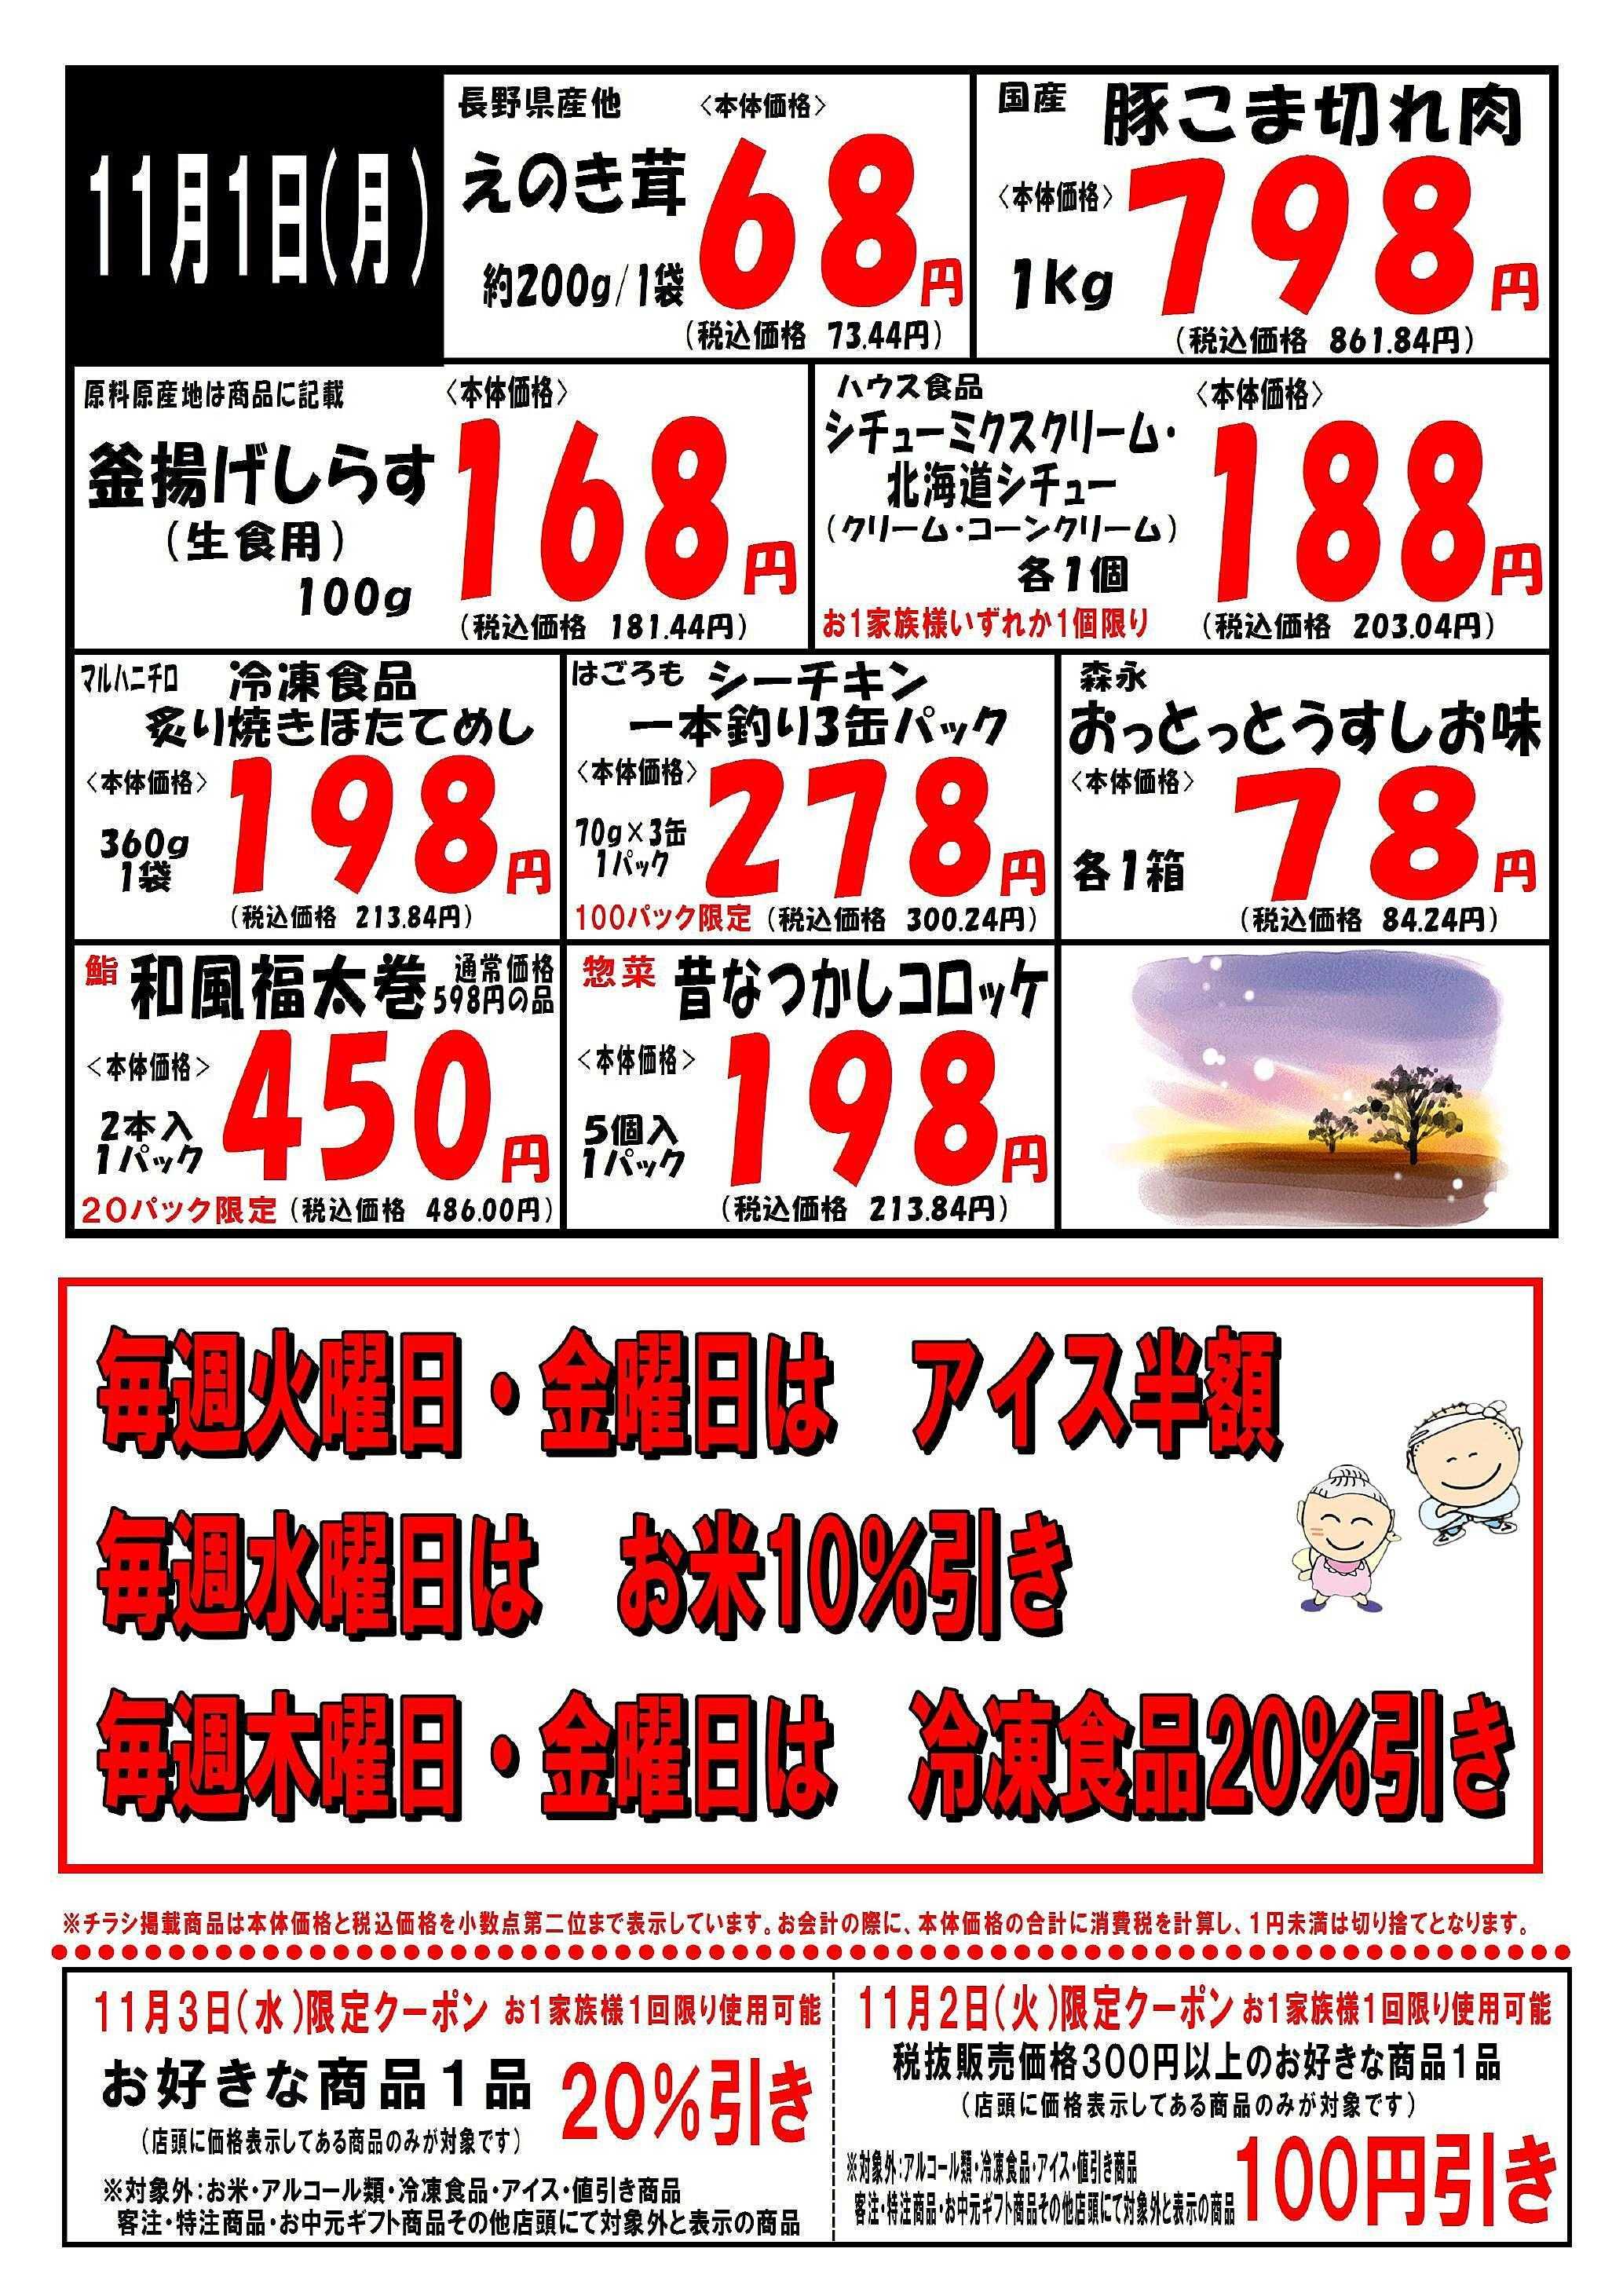 フードマーケット マム マム柿田川店週末大特価市うら